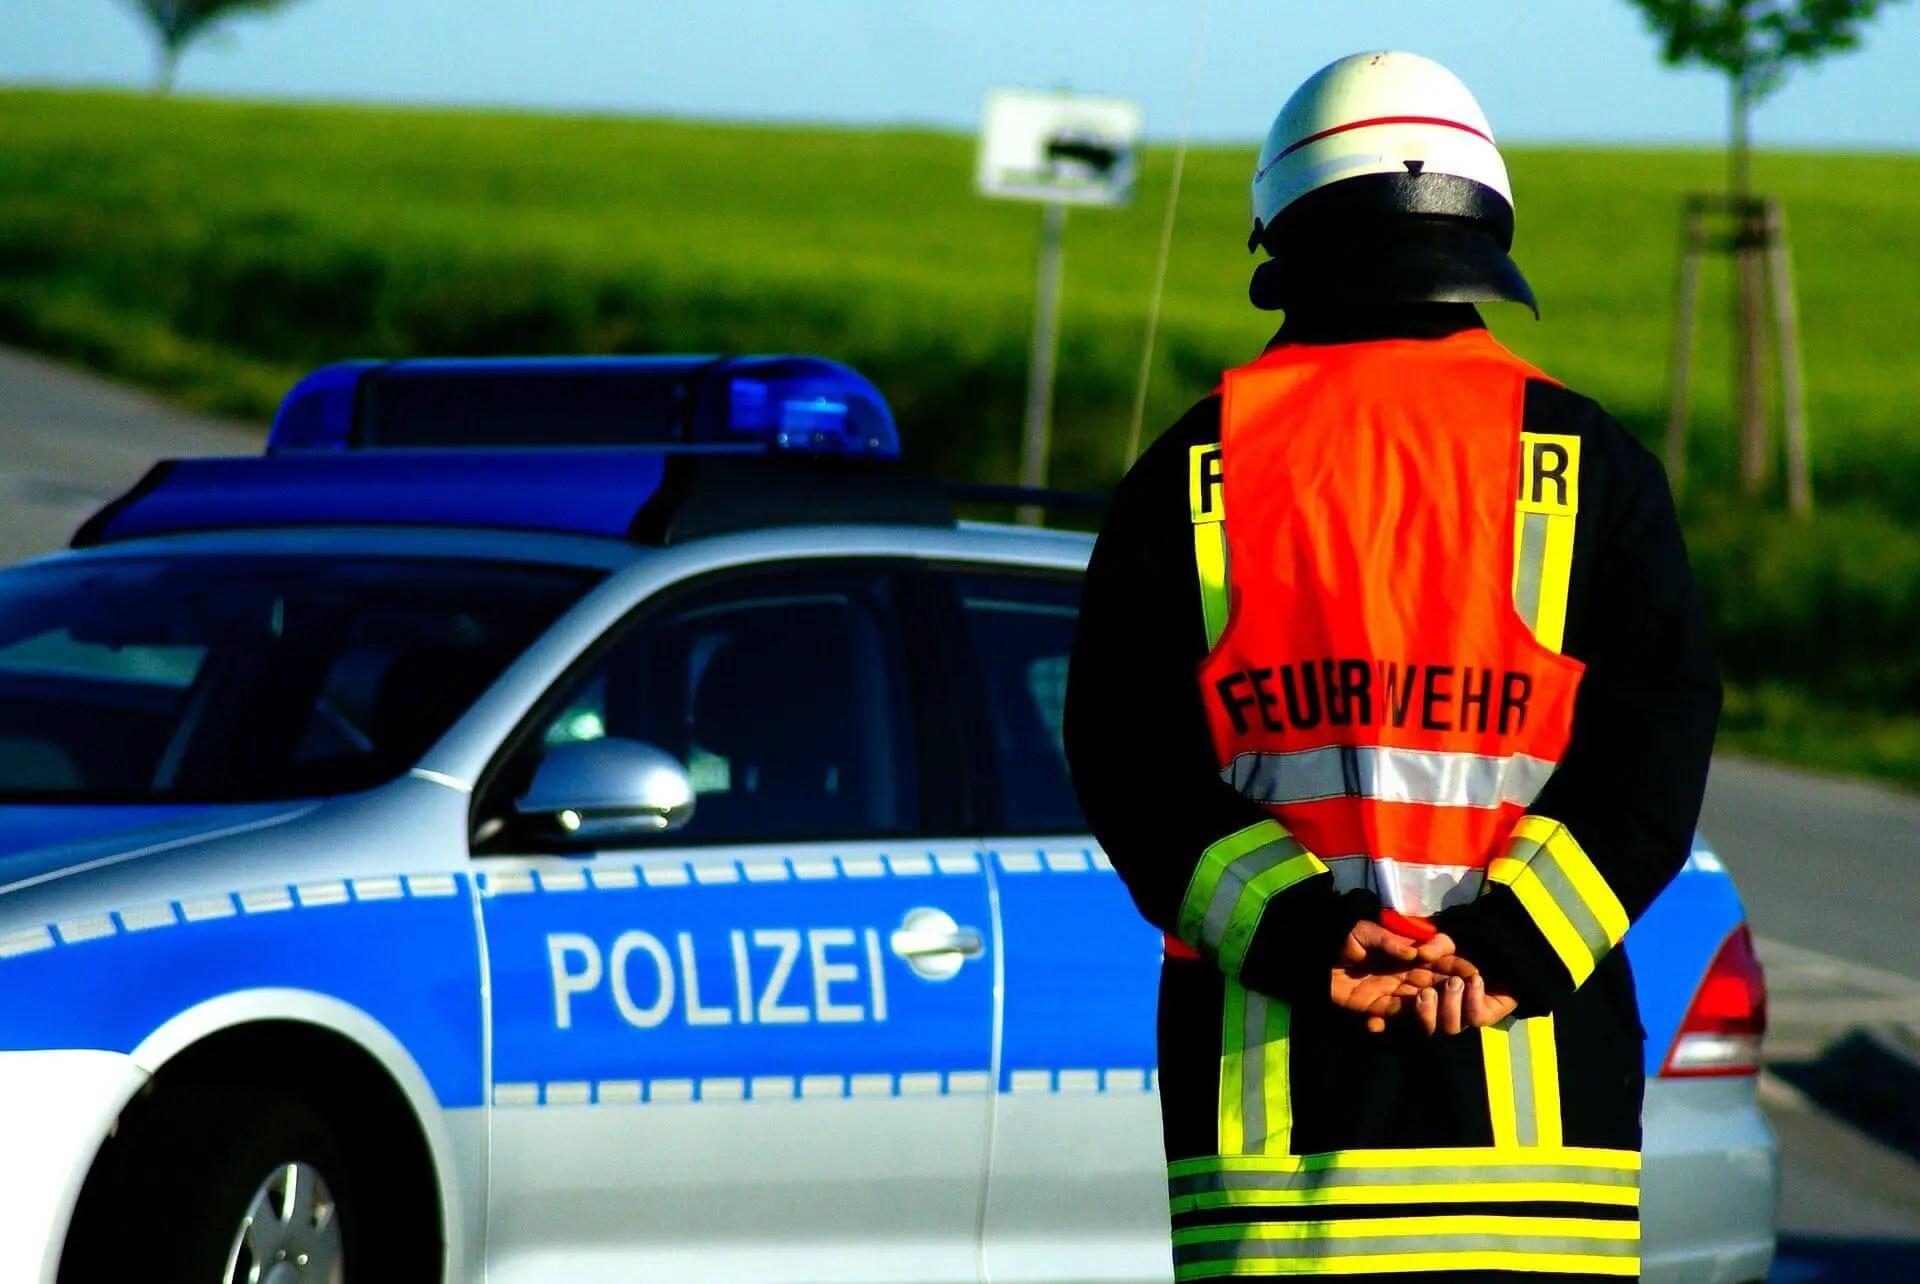 Symbolbild Feuerwehr und Polizei